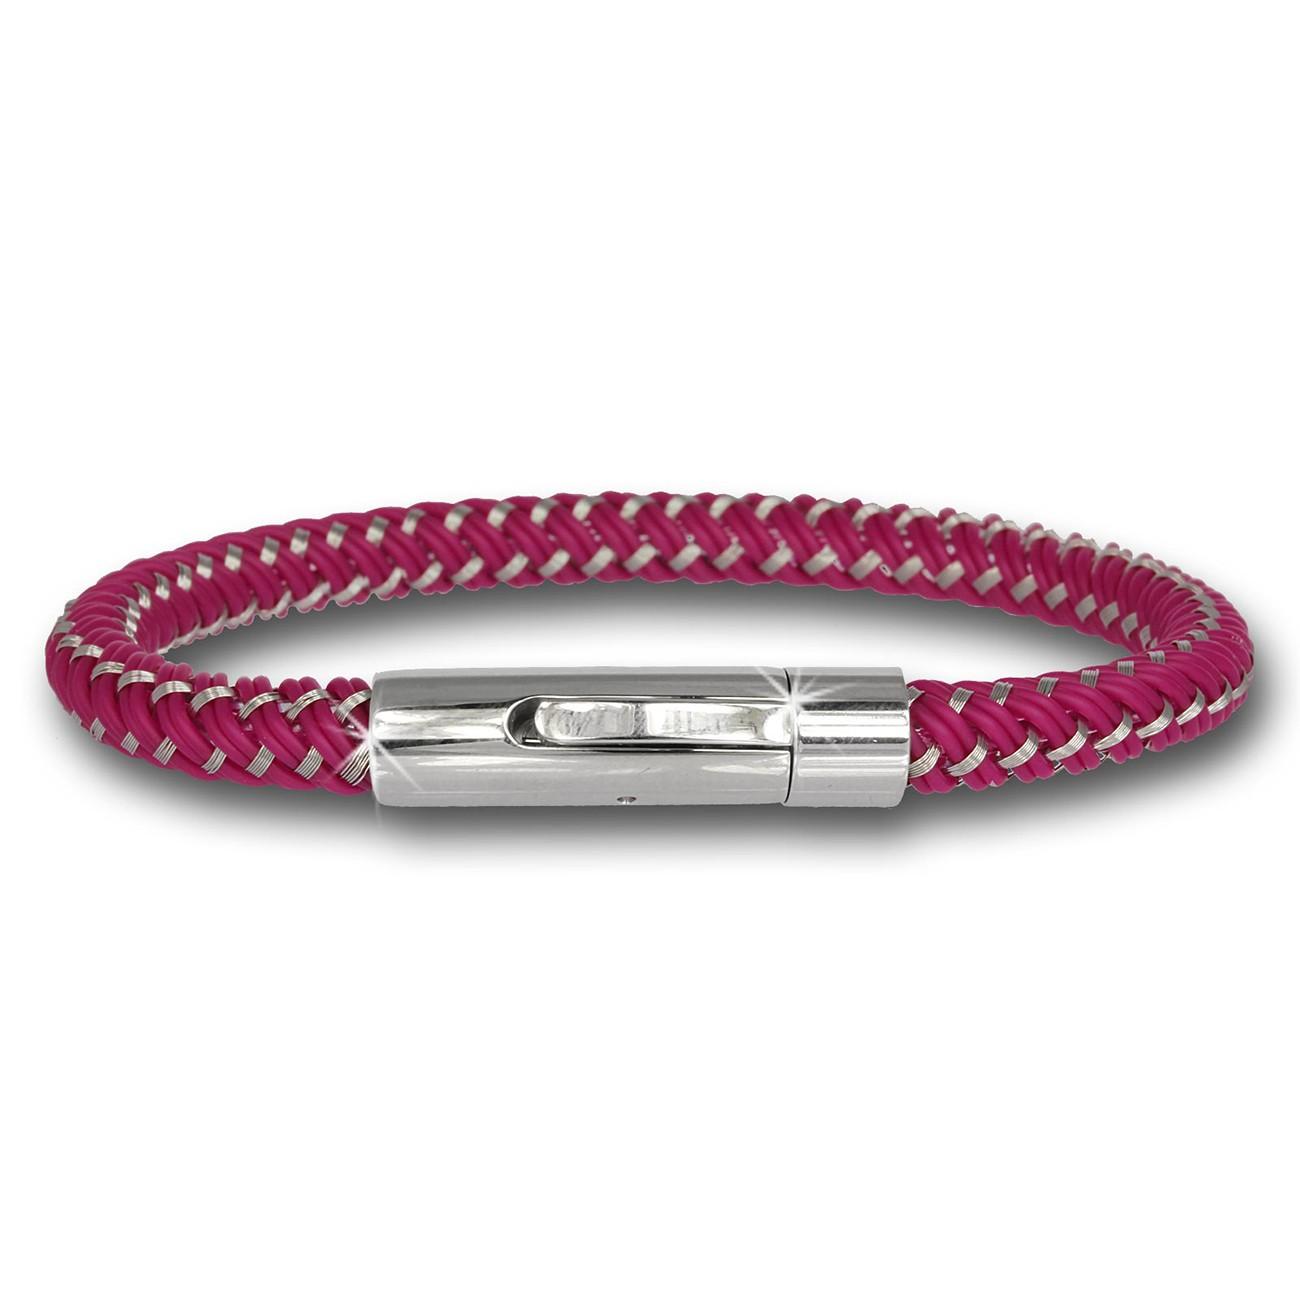 SilberDream Damen Armband Geflecht pink mit Stahlverschluss SDA503P